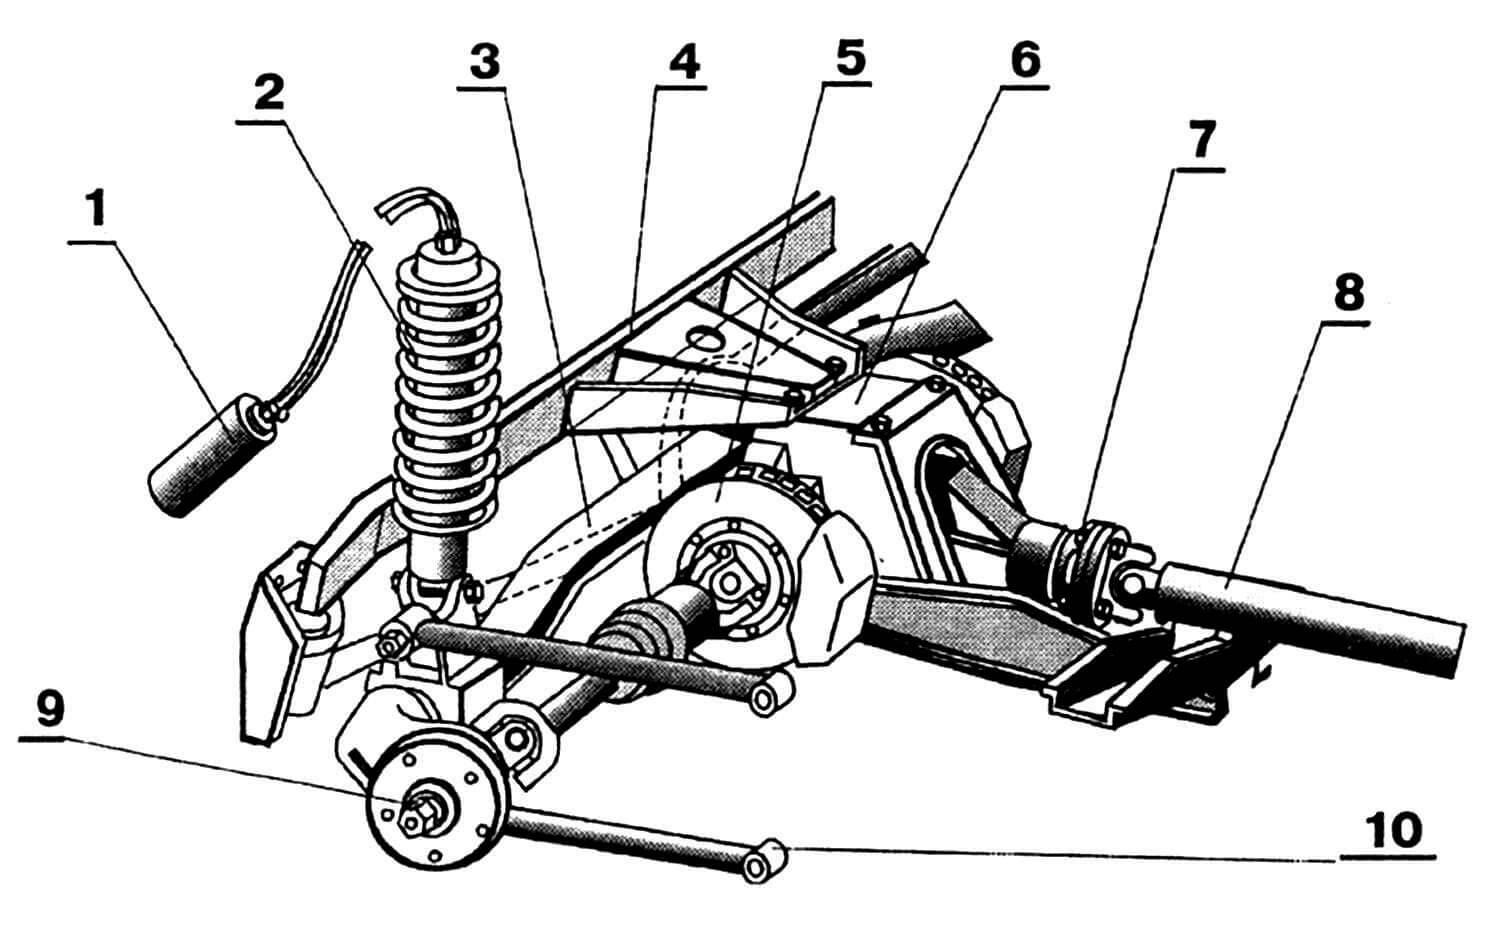 Задняя подвеска: 1 — баллон с газом для управляемого амортизатора Koni; 2 — пружина задней подвески; 3 — рычаг De Dion; 4 — балка поперечная; 5 — тормоз задний, дисковый (разнесенный); 6 — мост задний; 7 — шарнир карданный; 8 — вал карданный; 9 — полуось; 10 — рычаг продольный.